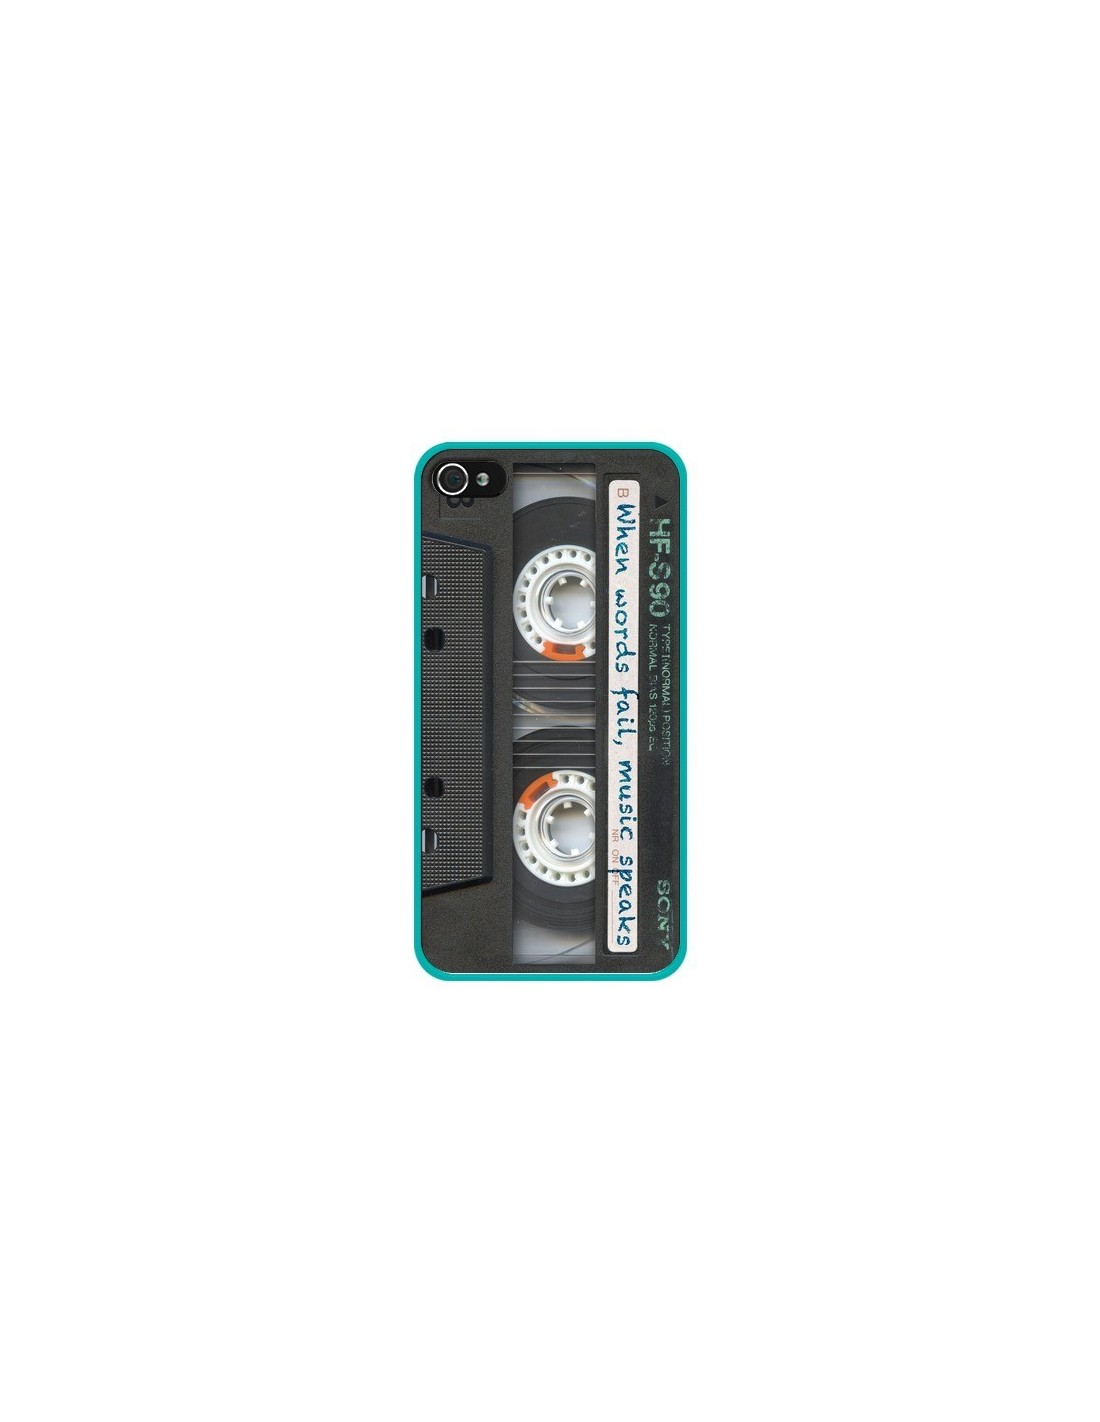 coque cassette words k7 pour iphone 4 et 4s maximilian san. Black Bedroom Furniture Sets. Home Design Ideas